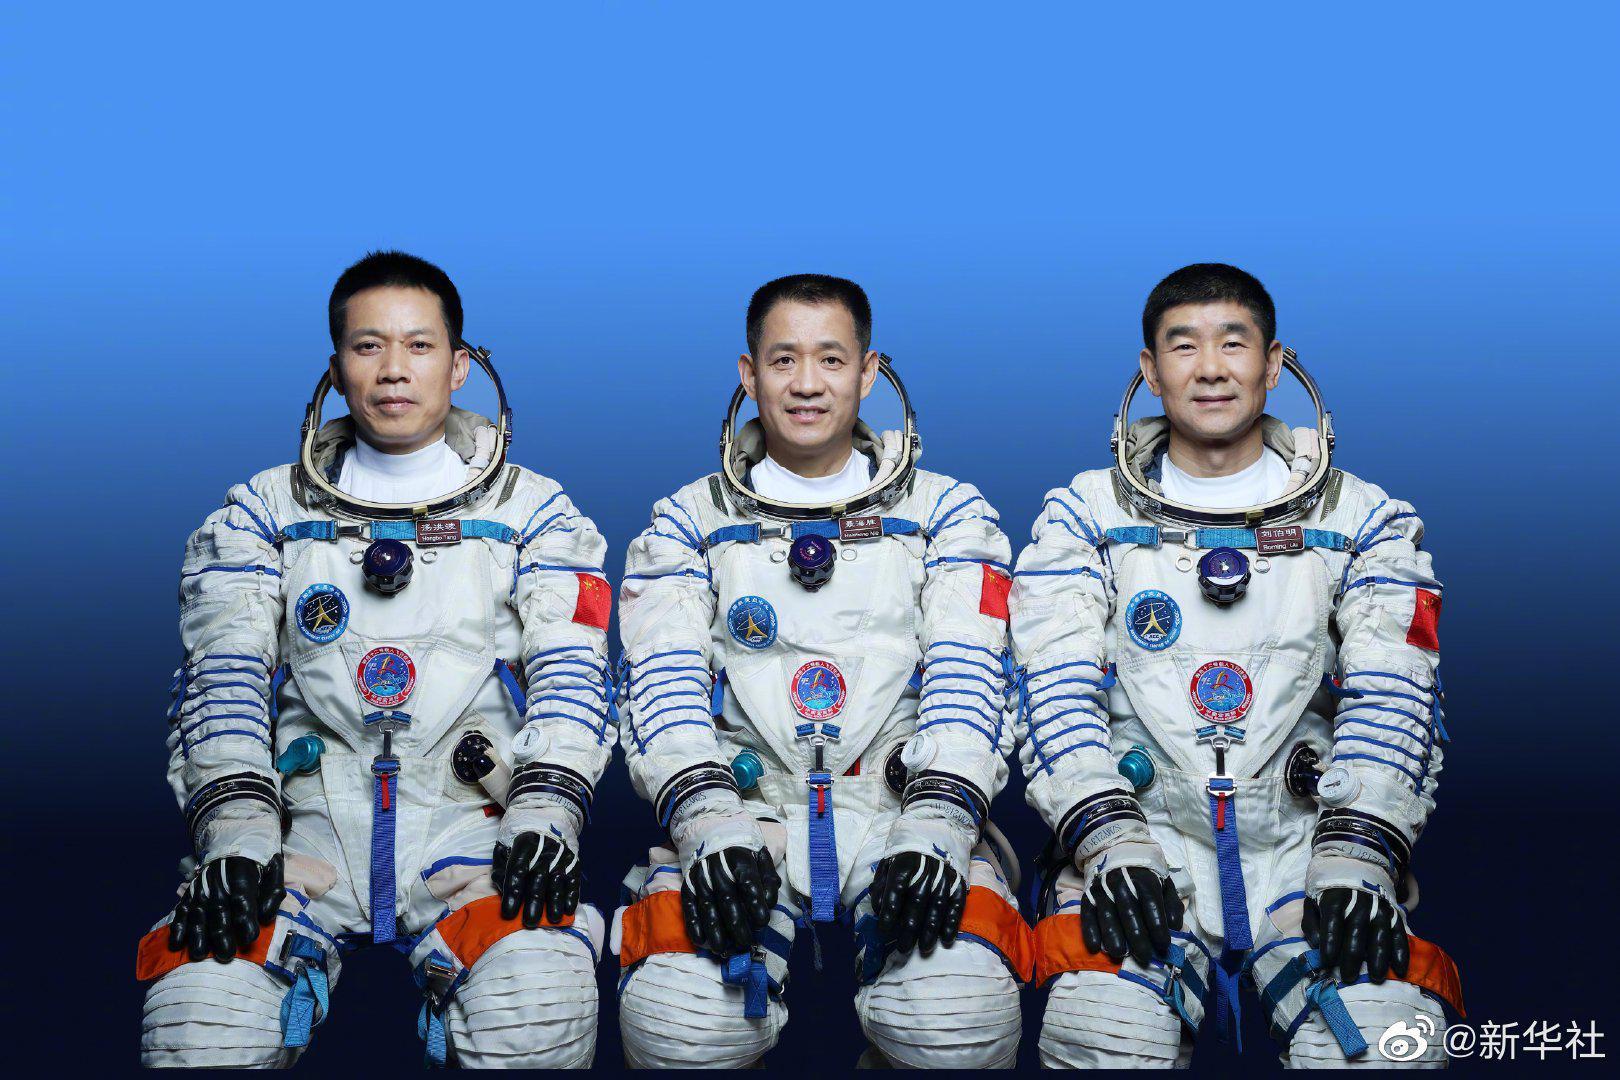 神舟十二号载人飞船三人乘组名单确定 另有三人备份